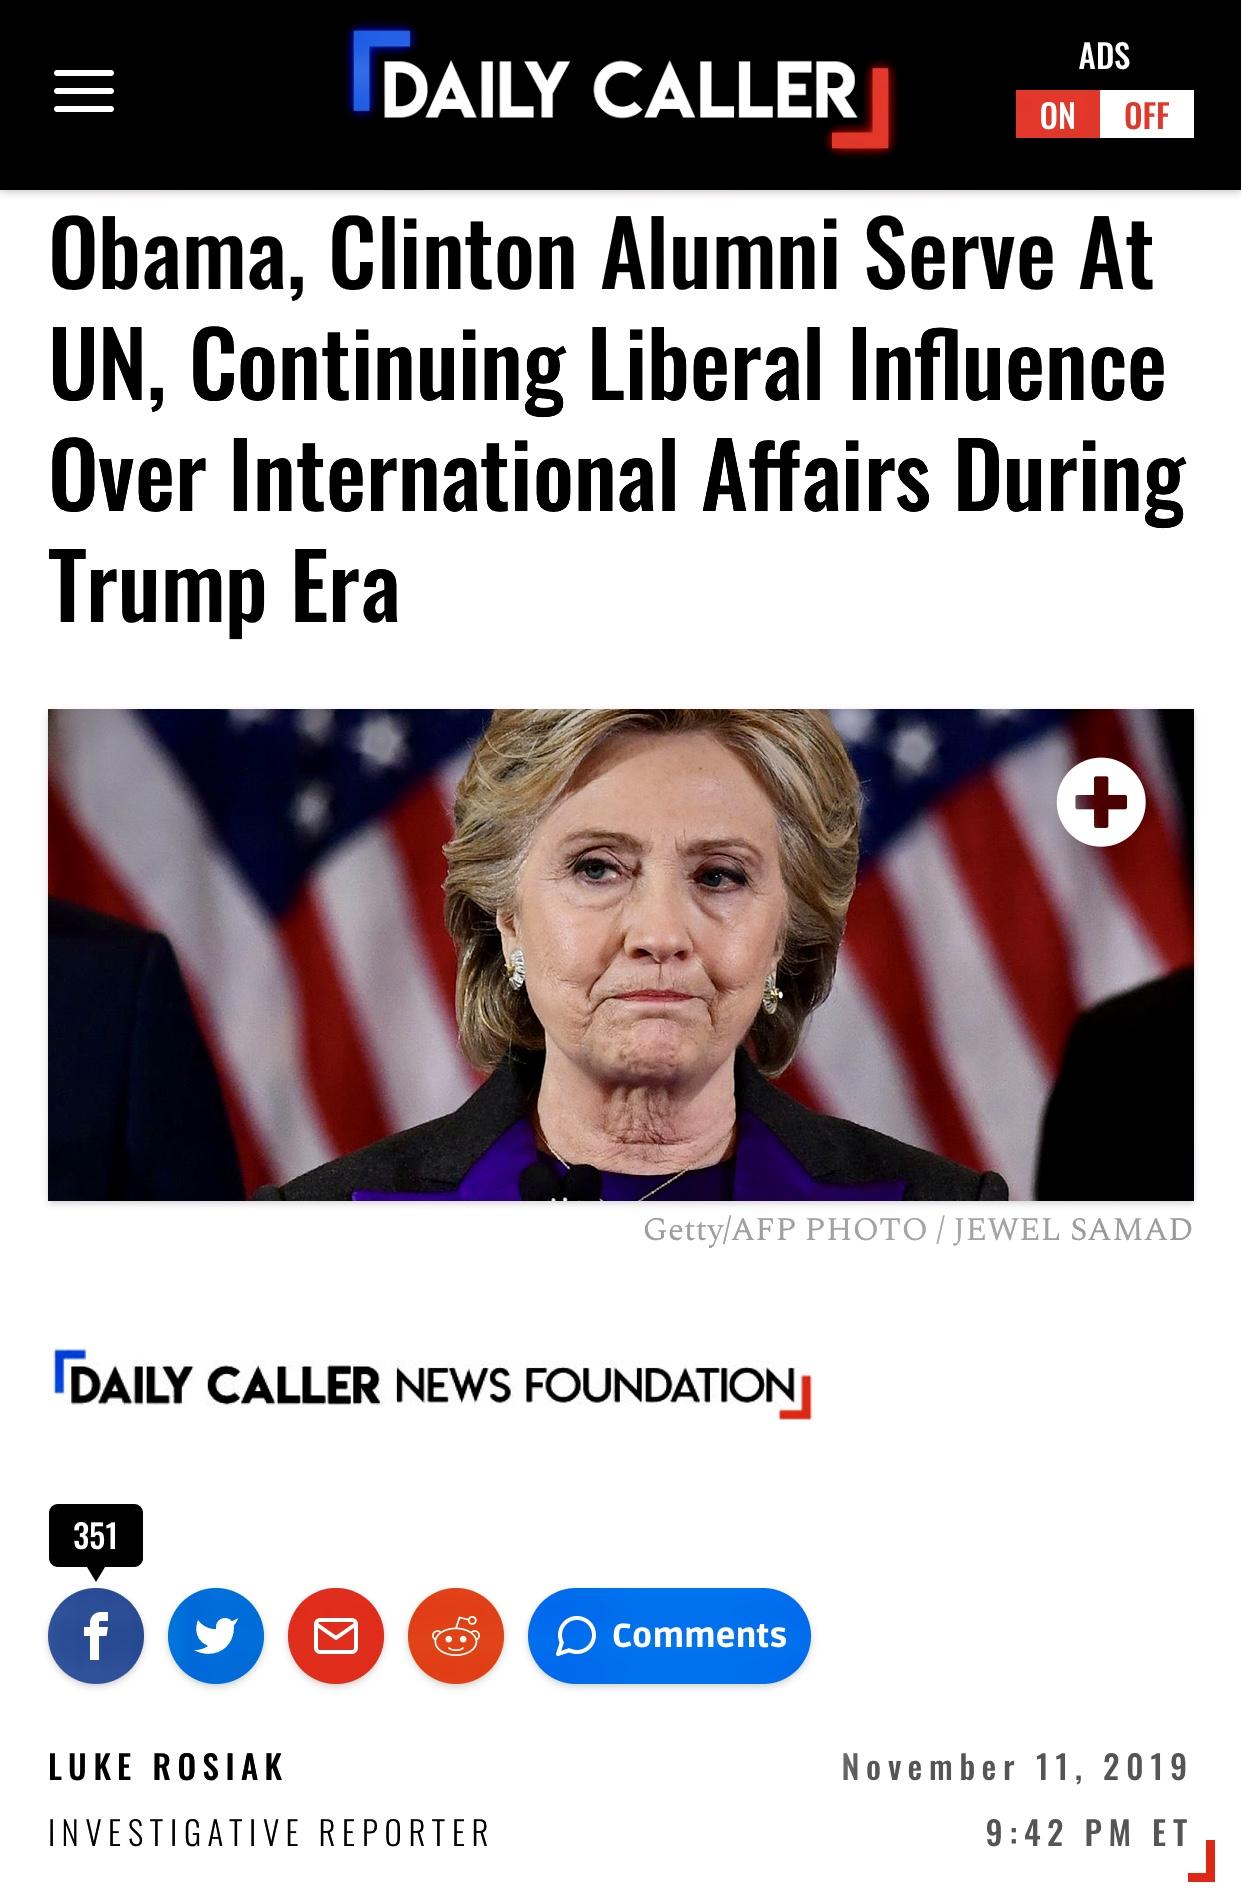 Obama, Clinton Alumni Serve At UN